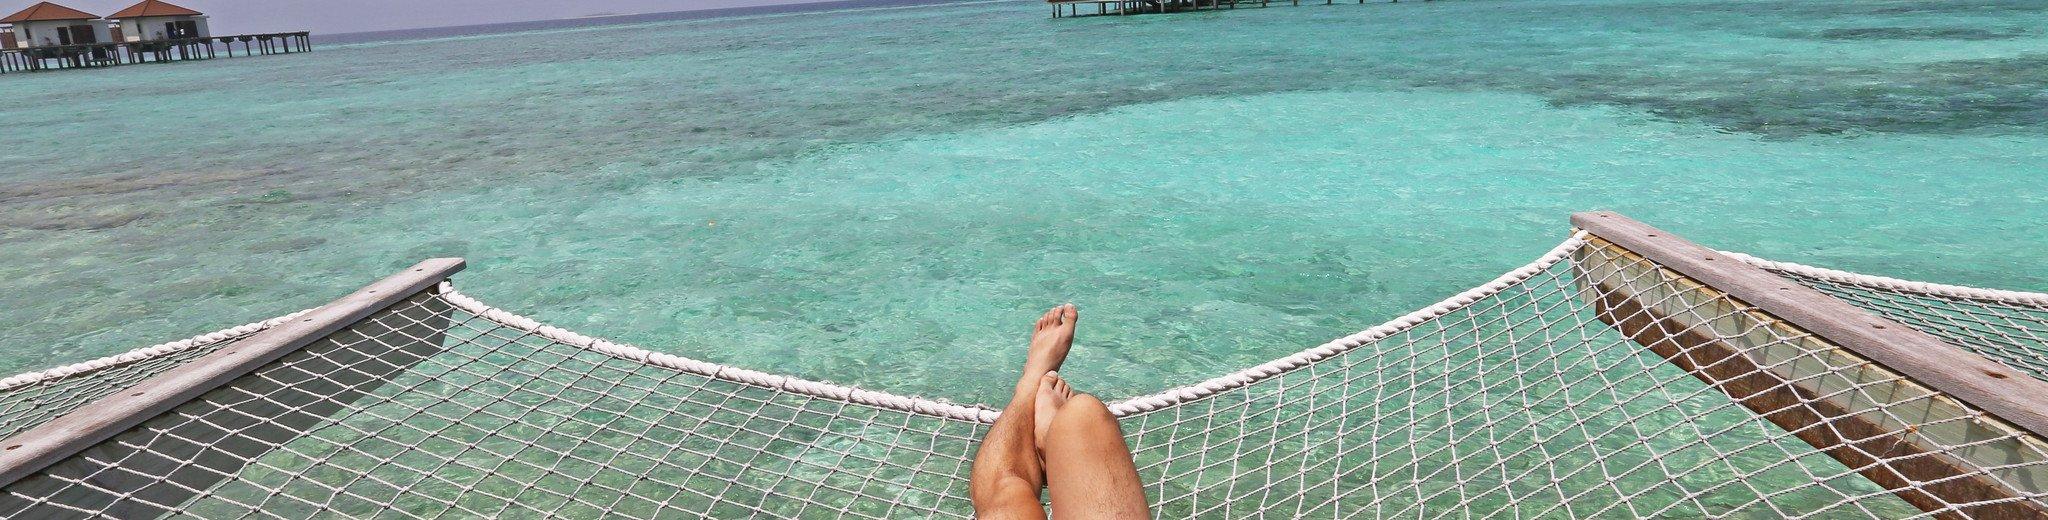 恋水马代:鲁滨逊的自在感受与中央格兰德的原始海洋